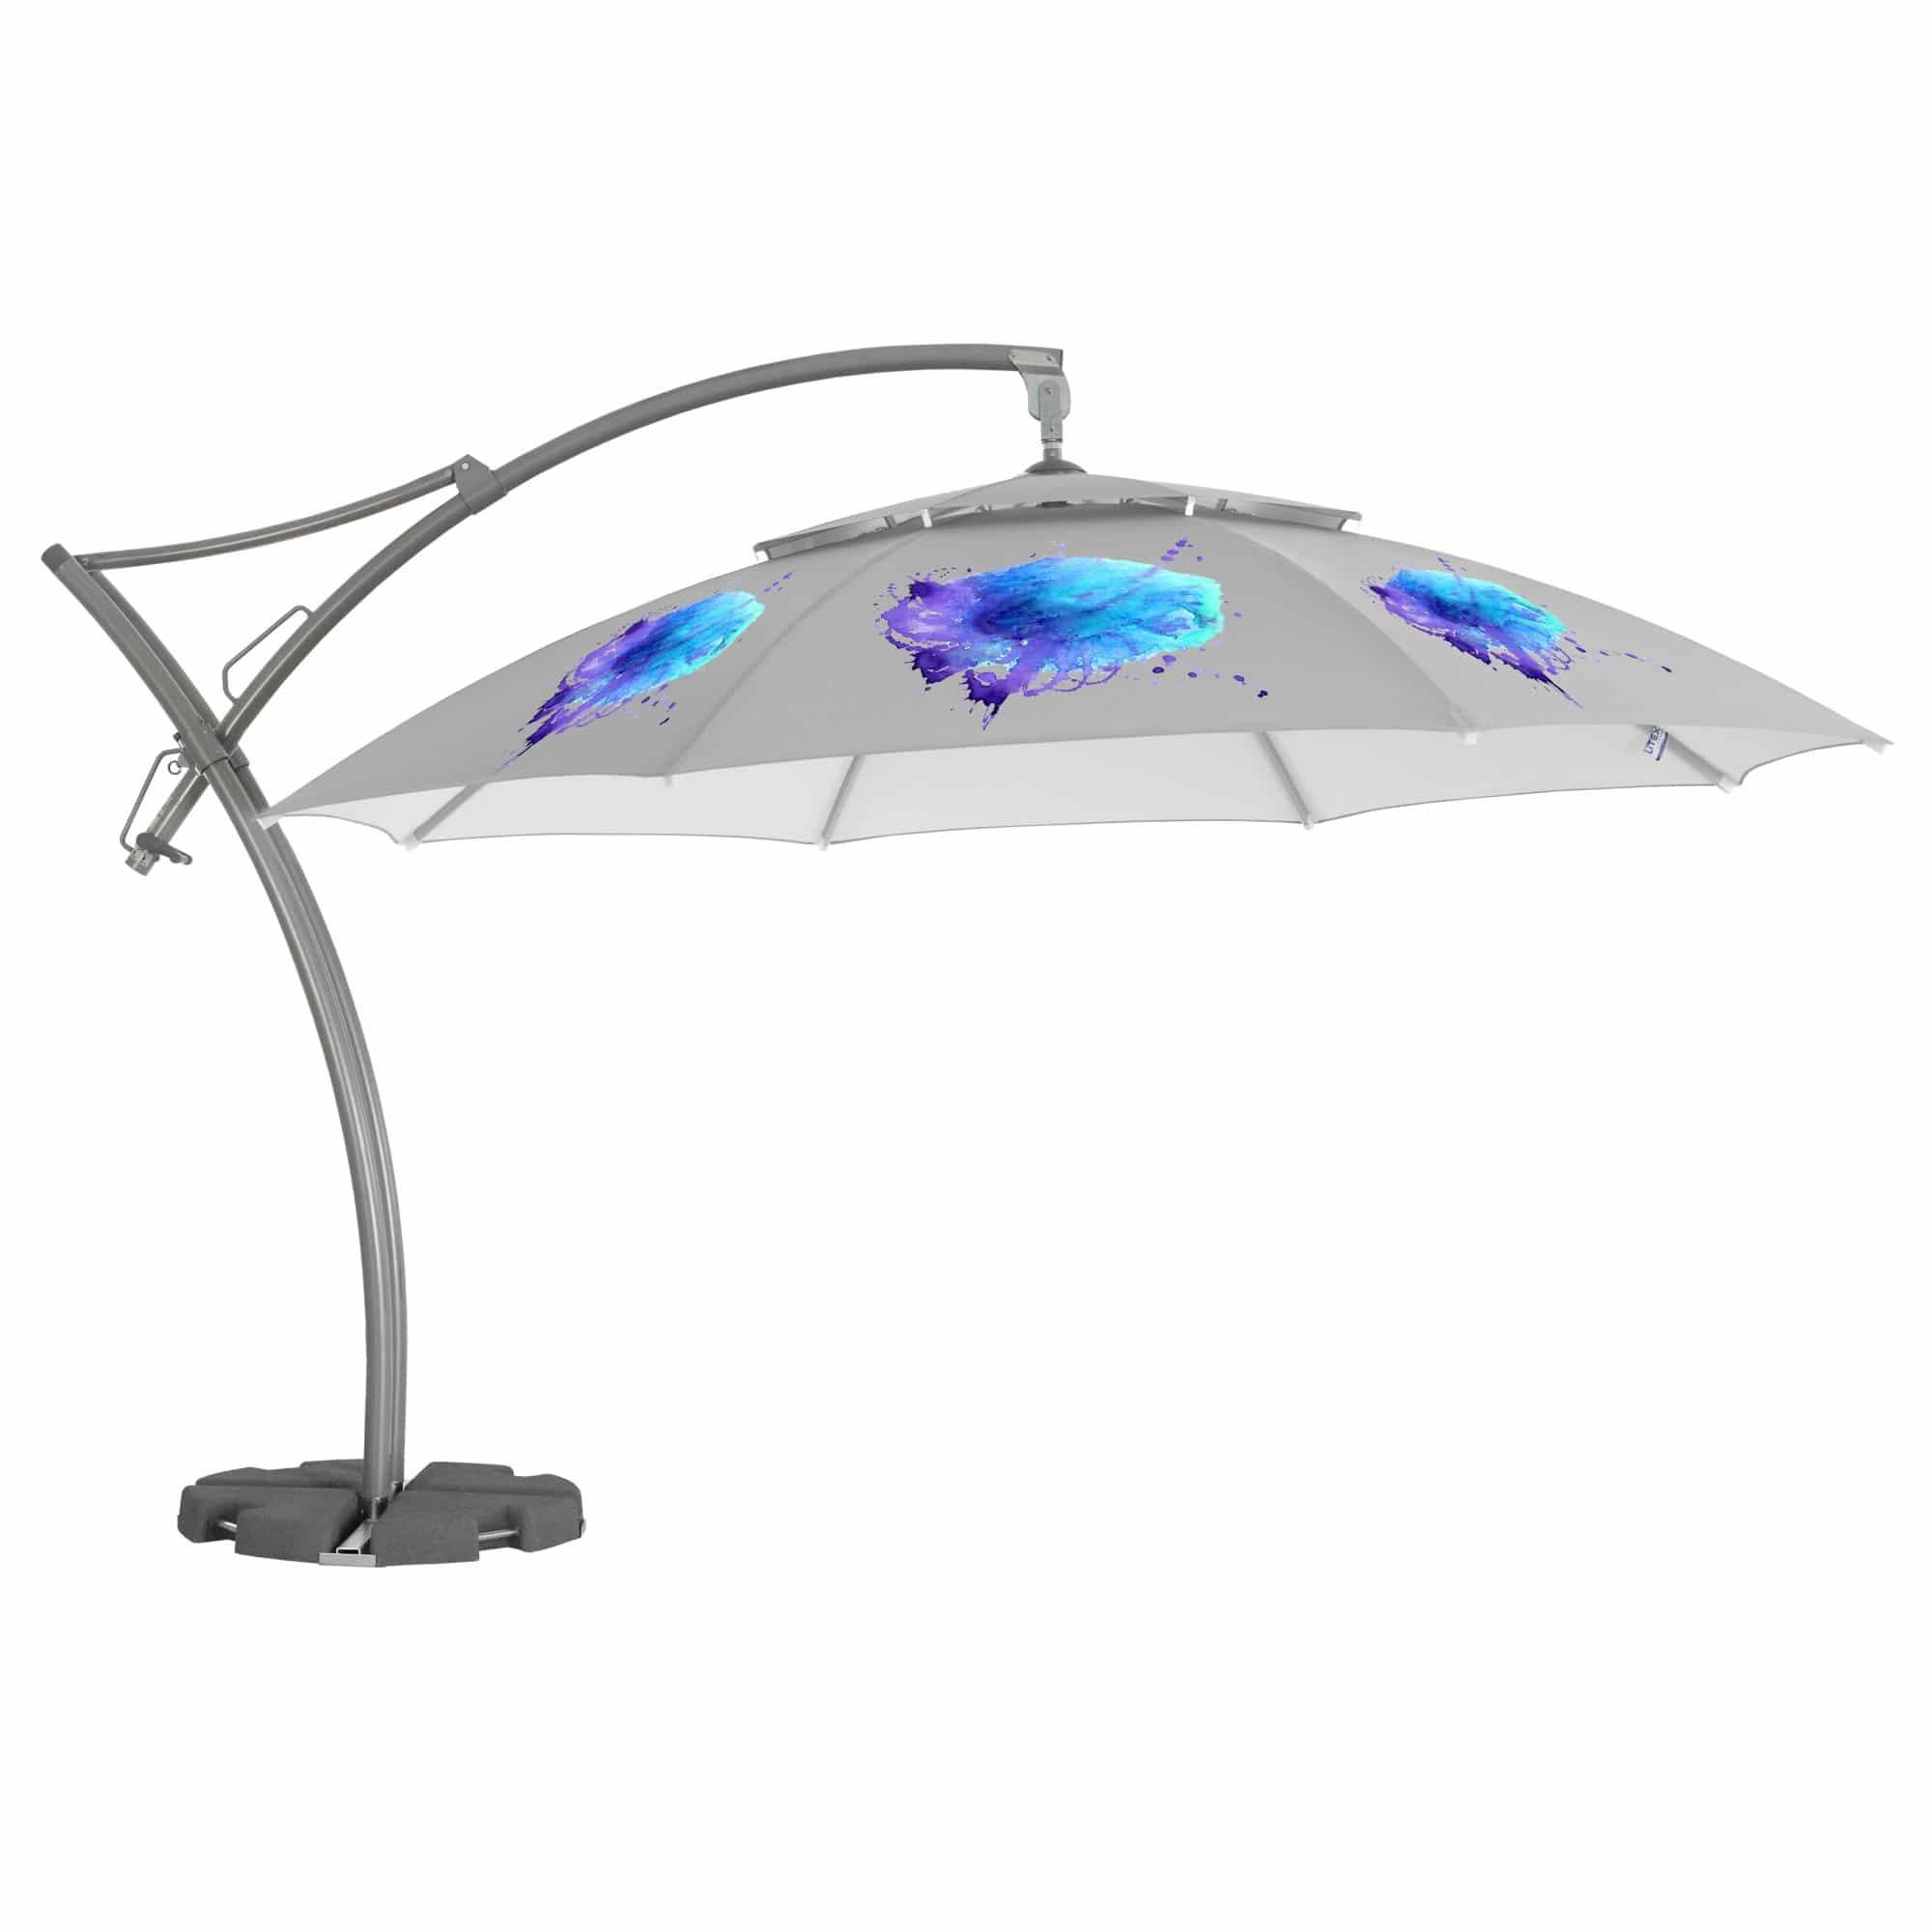 Promotional parasols - large cantilever 4.2m